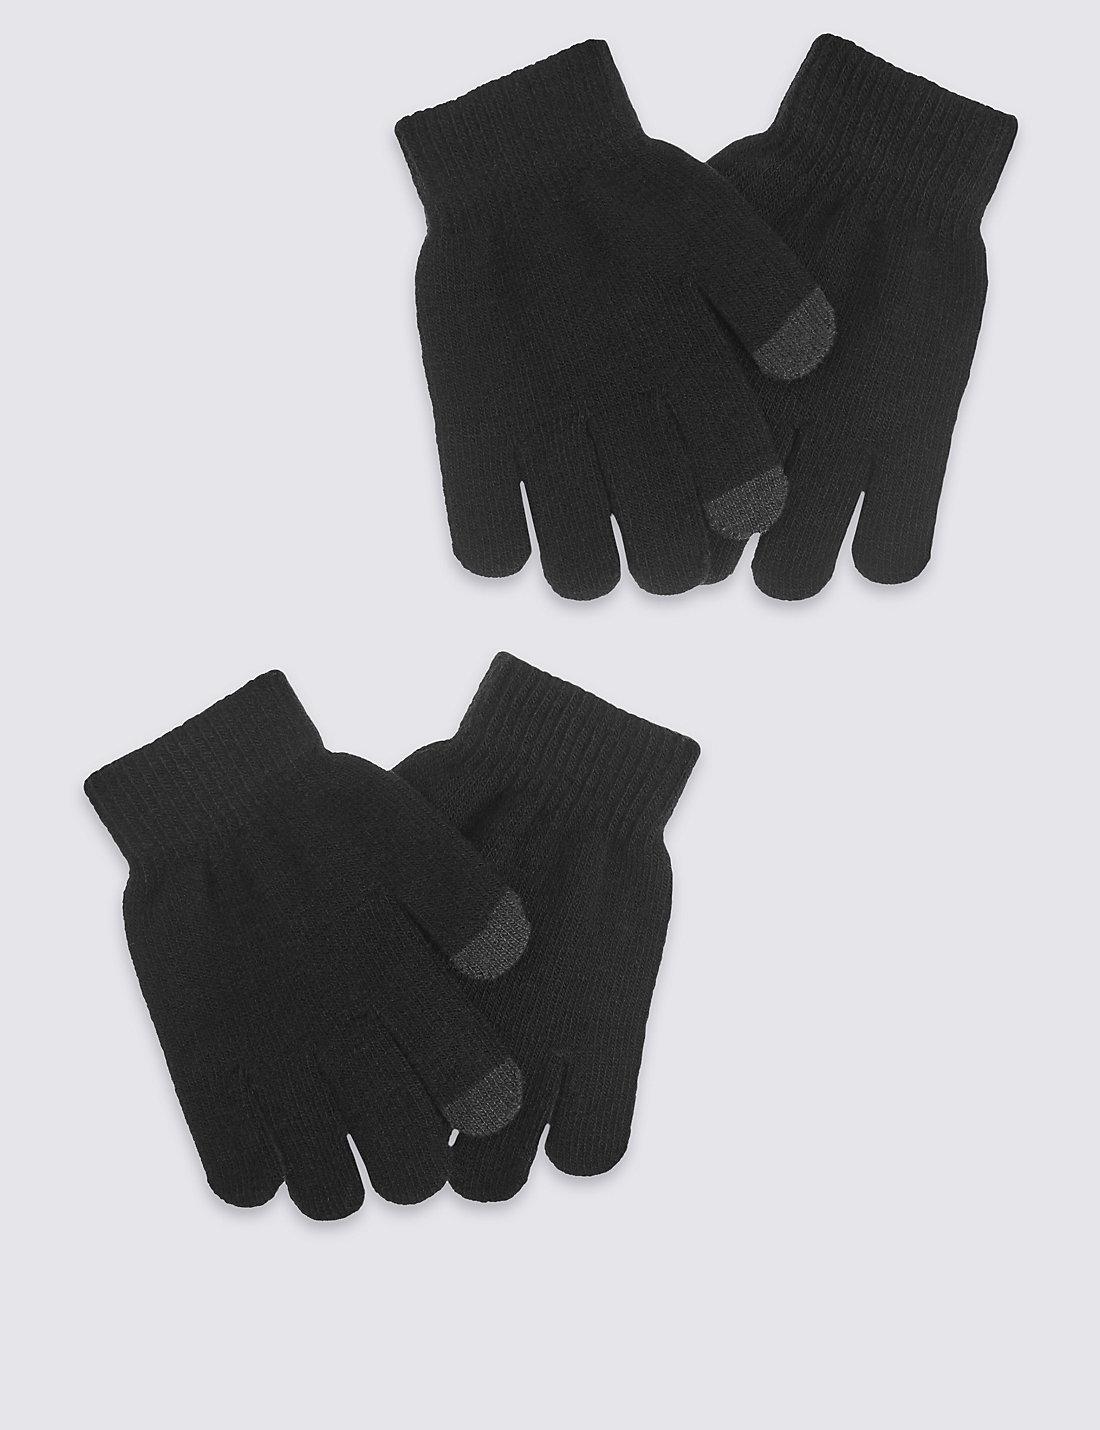 Black gloves white magic - Kids Magic Gloves